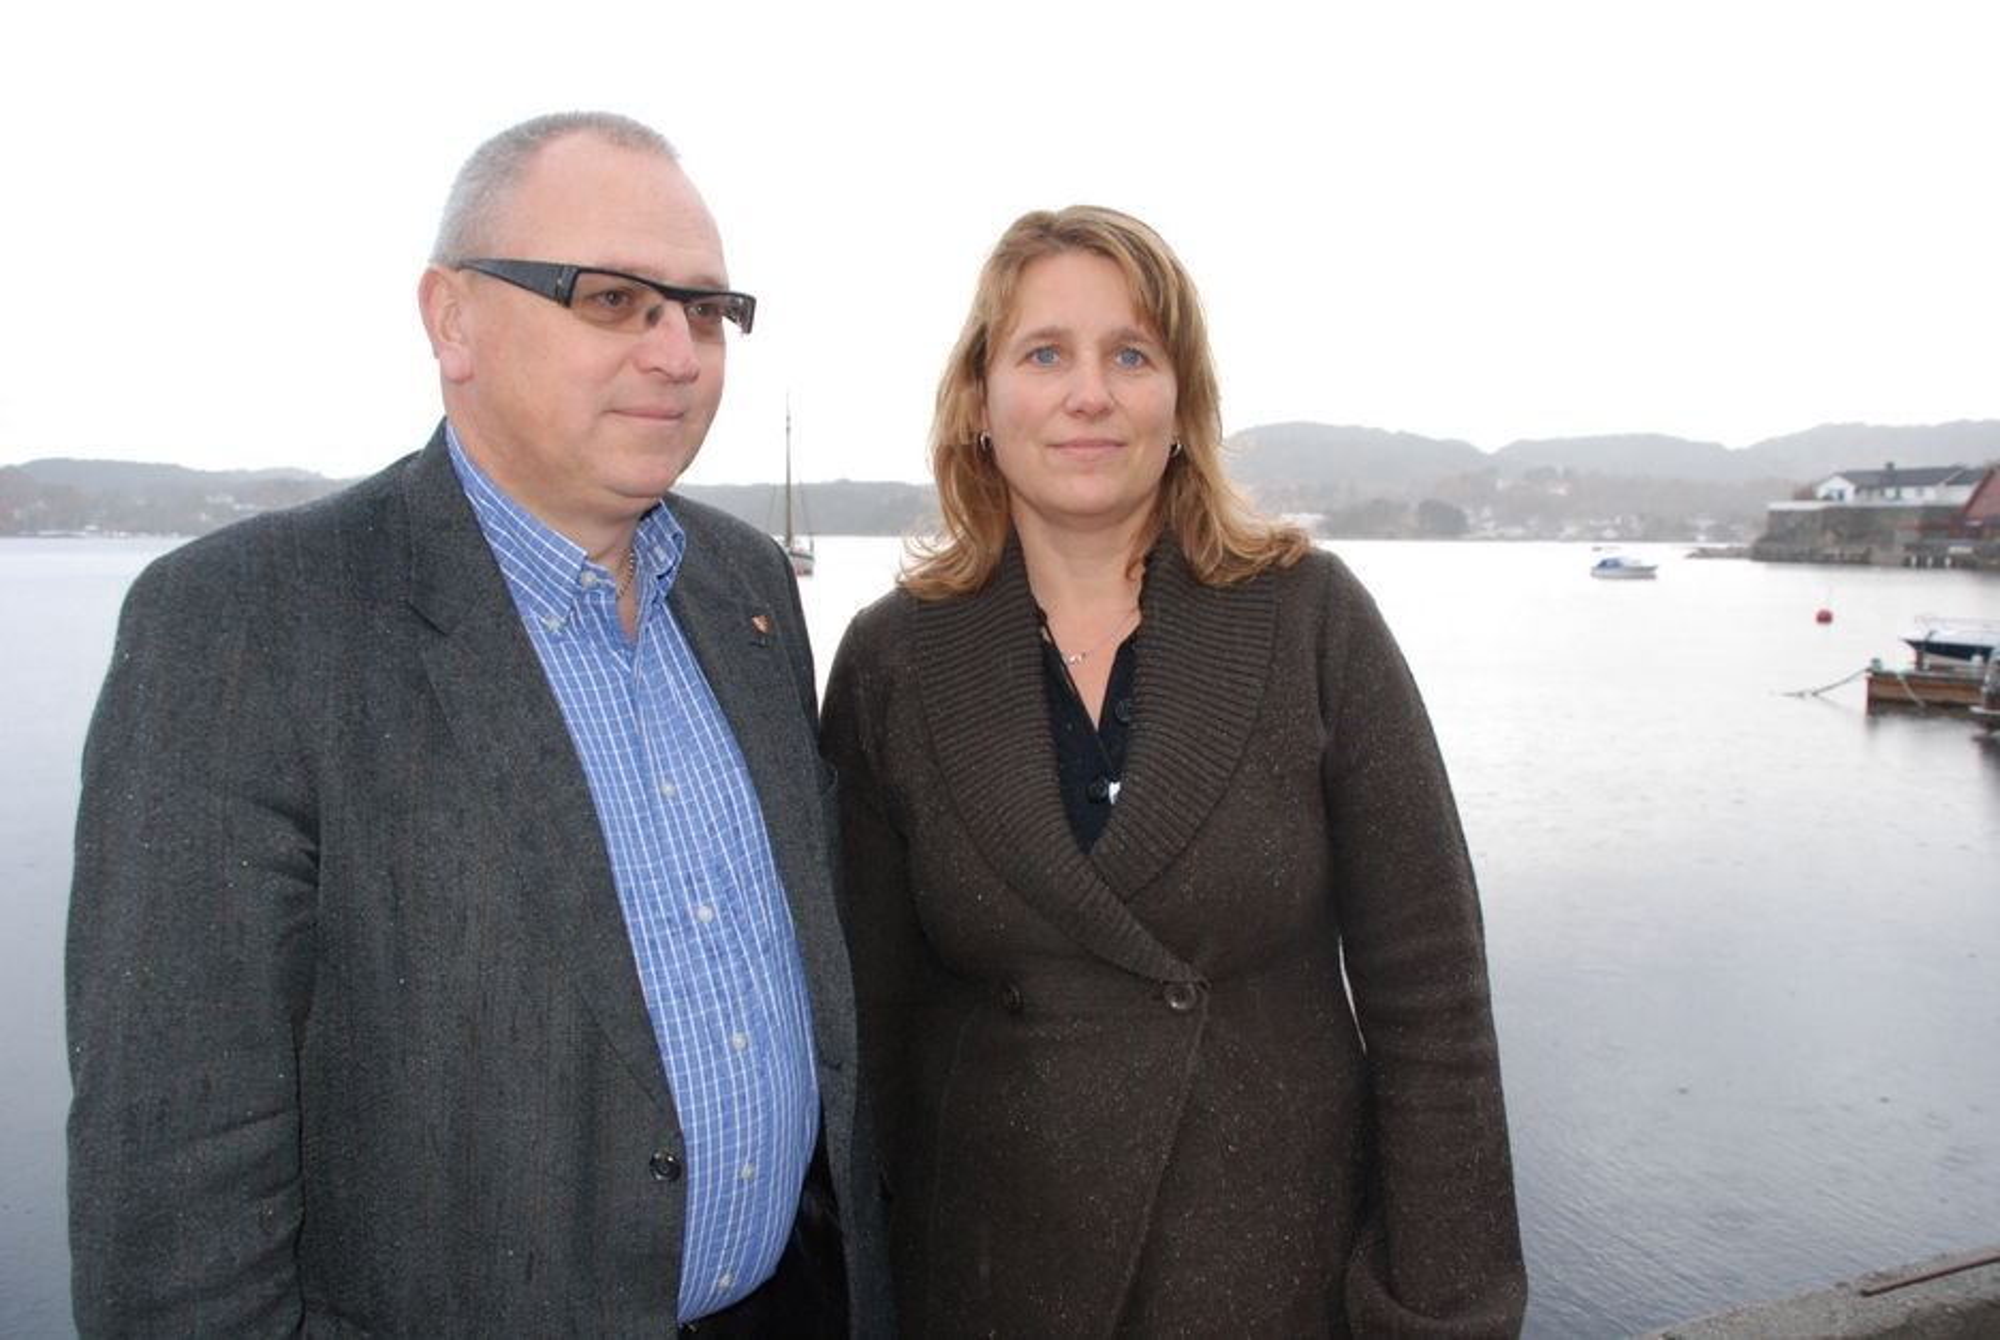 JAKTER PÅ INDUSTRIPARTNERE: - Vi er ærlige på at vi startet på null. - Vi har brukt tid på å bli kjent med aktører og bransjen, sier Tore Engevik og styreleder Wenche Teigland i Vestavind offshore.